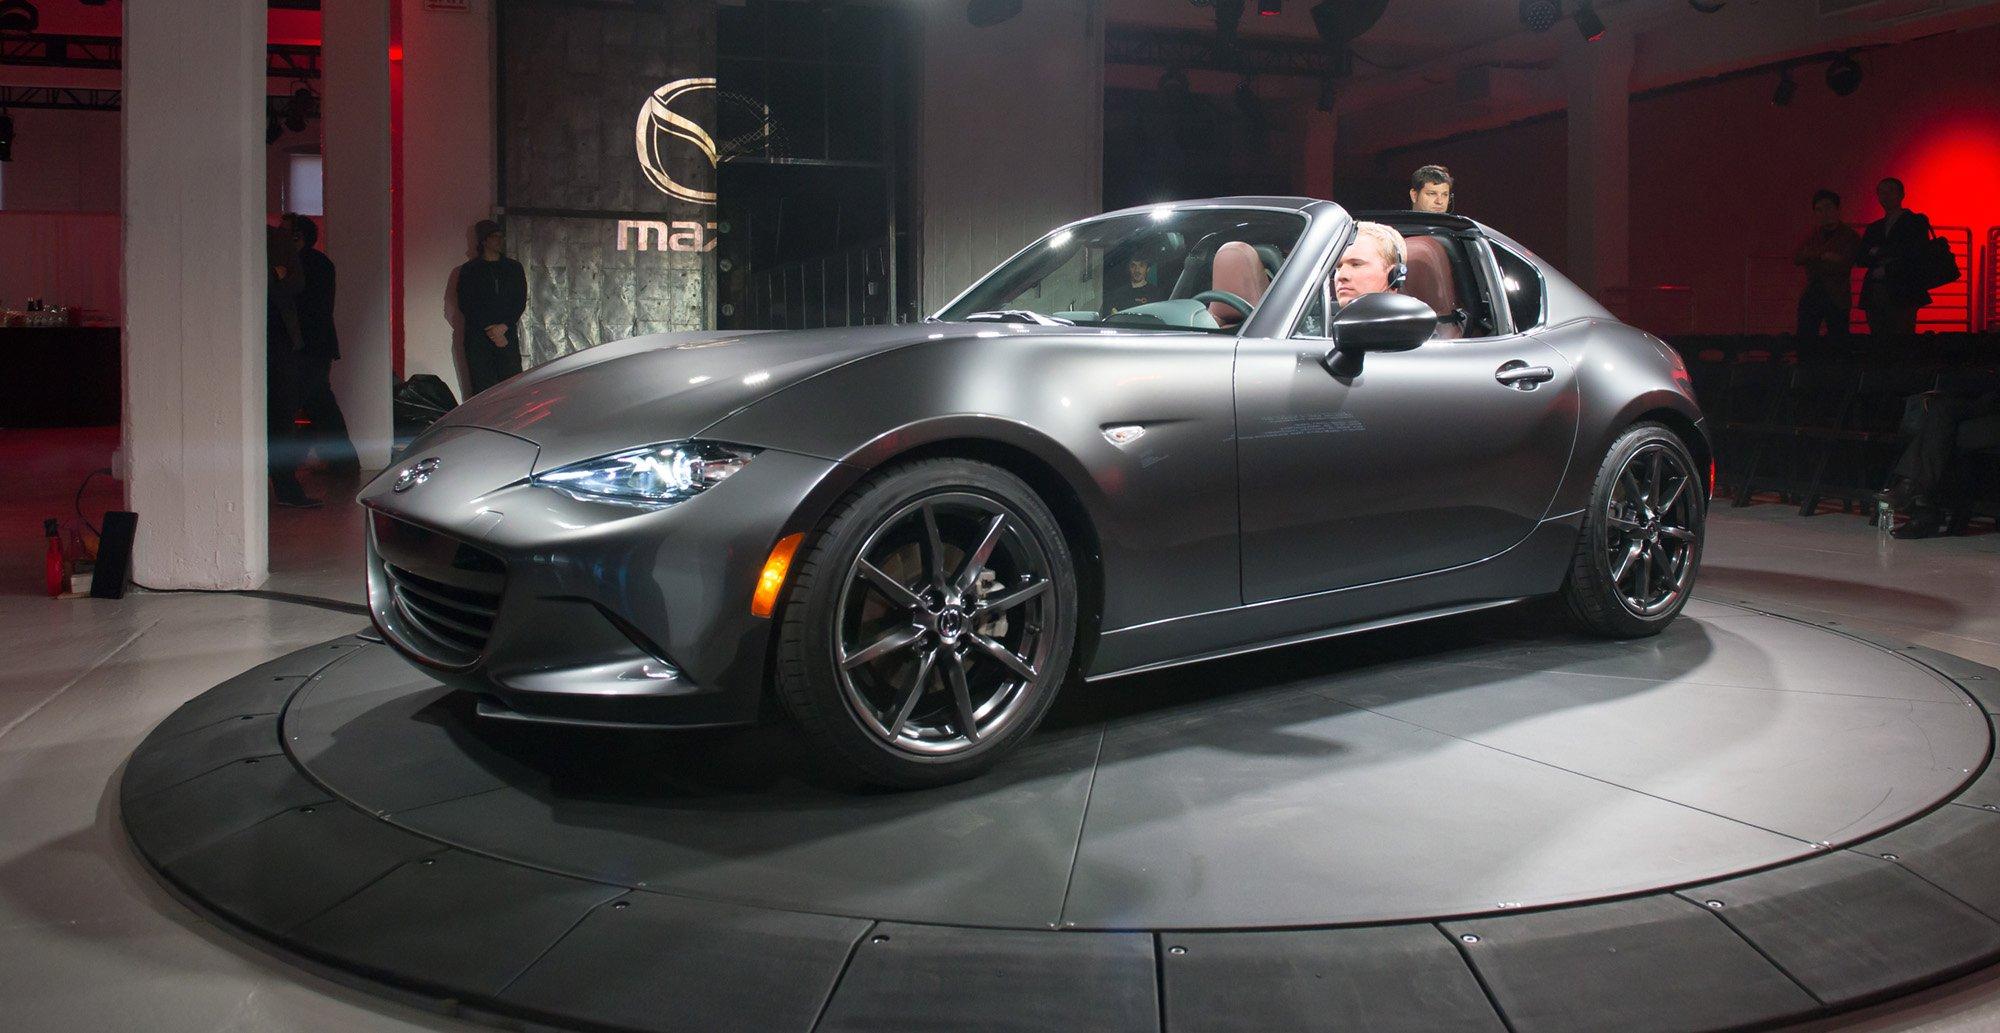 Mx 5 Rf Price >> Mazda MX-5 RF hardtop revealed in New York - Photos (1 of 34)